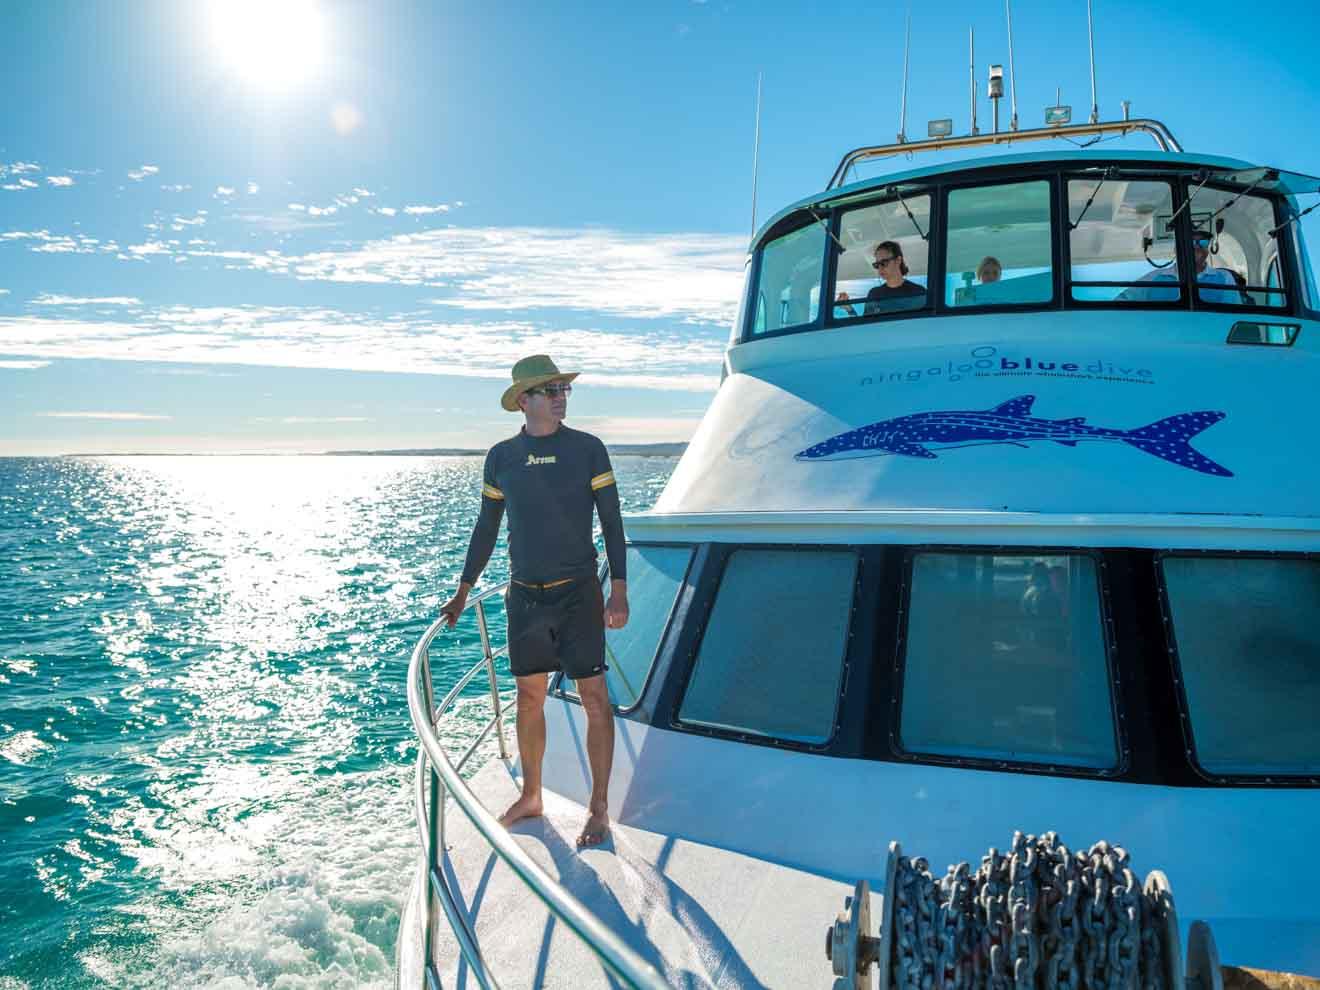 Excursión al arrecife de Ningaloo en el parque marino Whale Shark